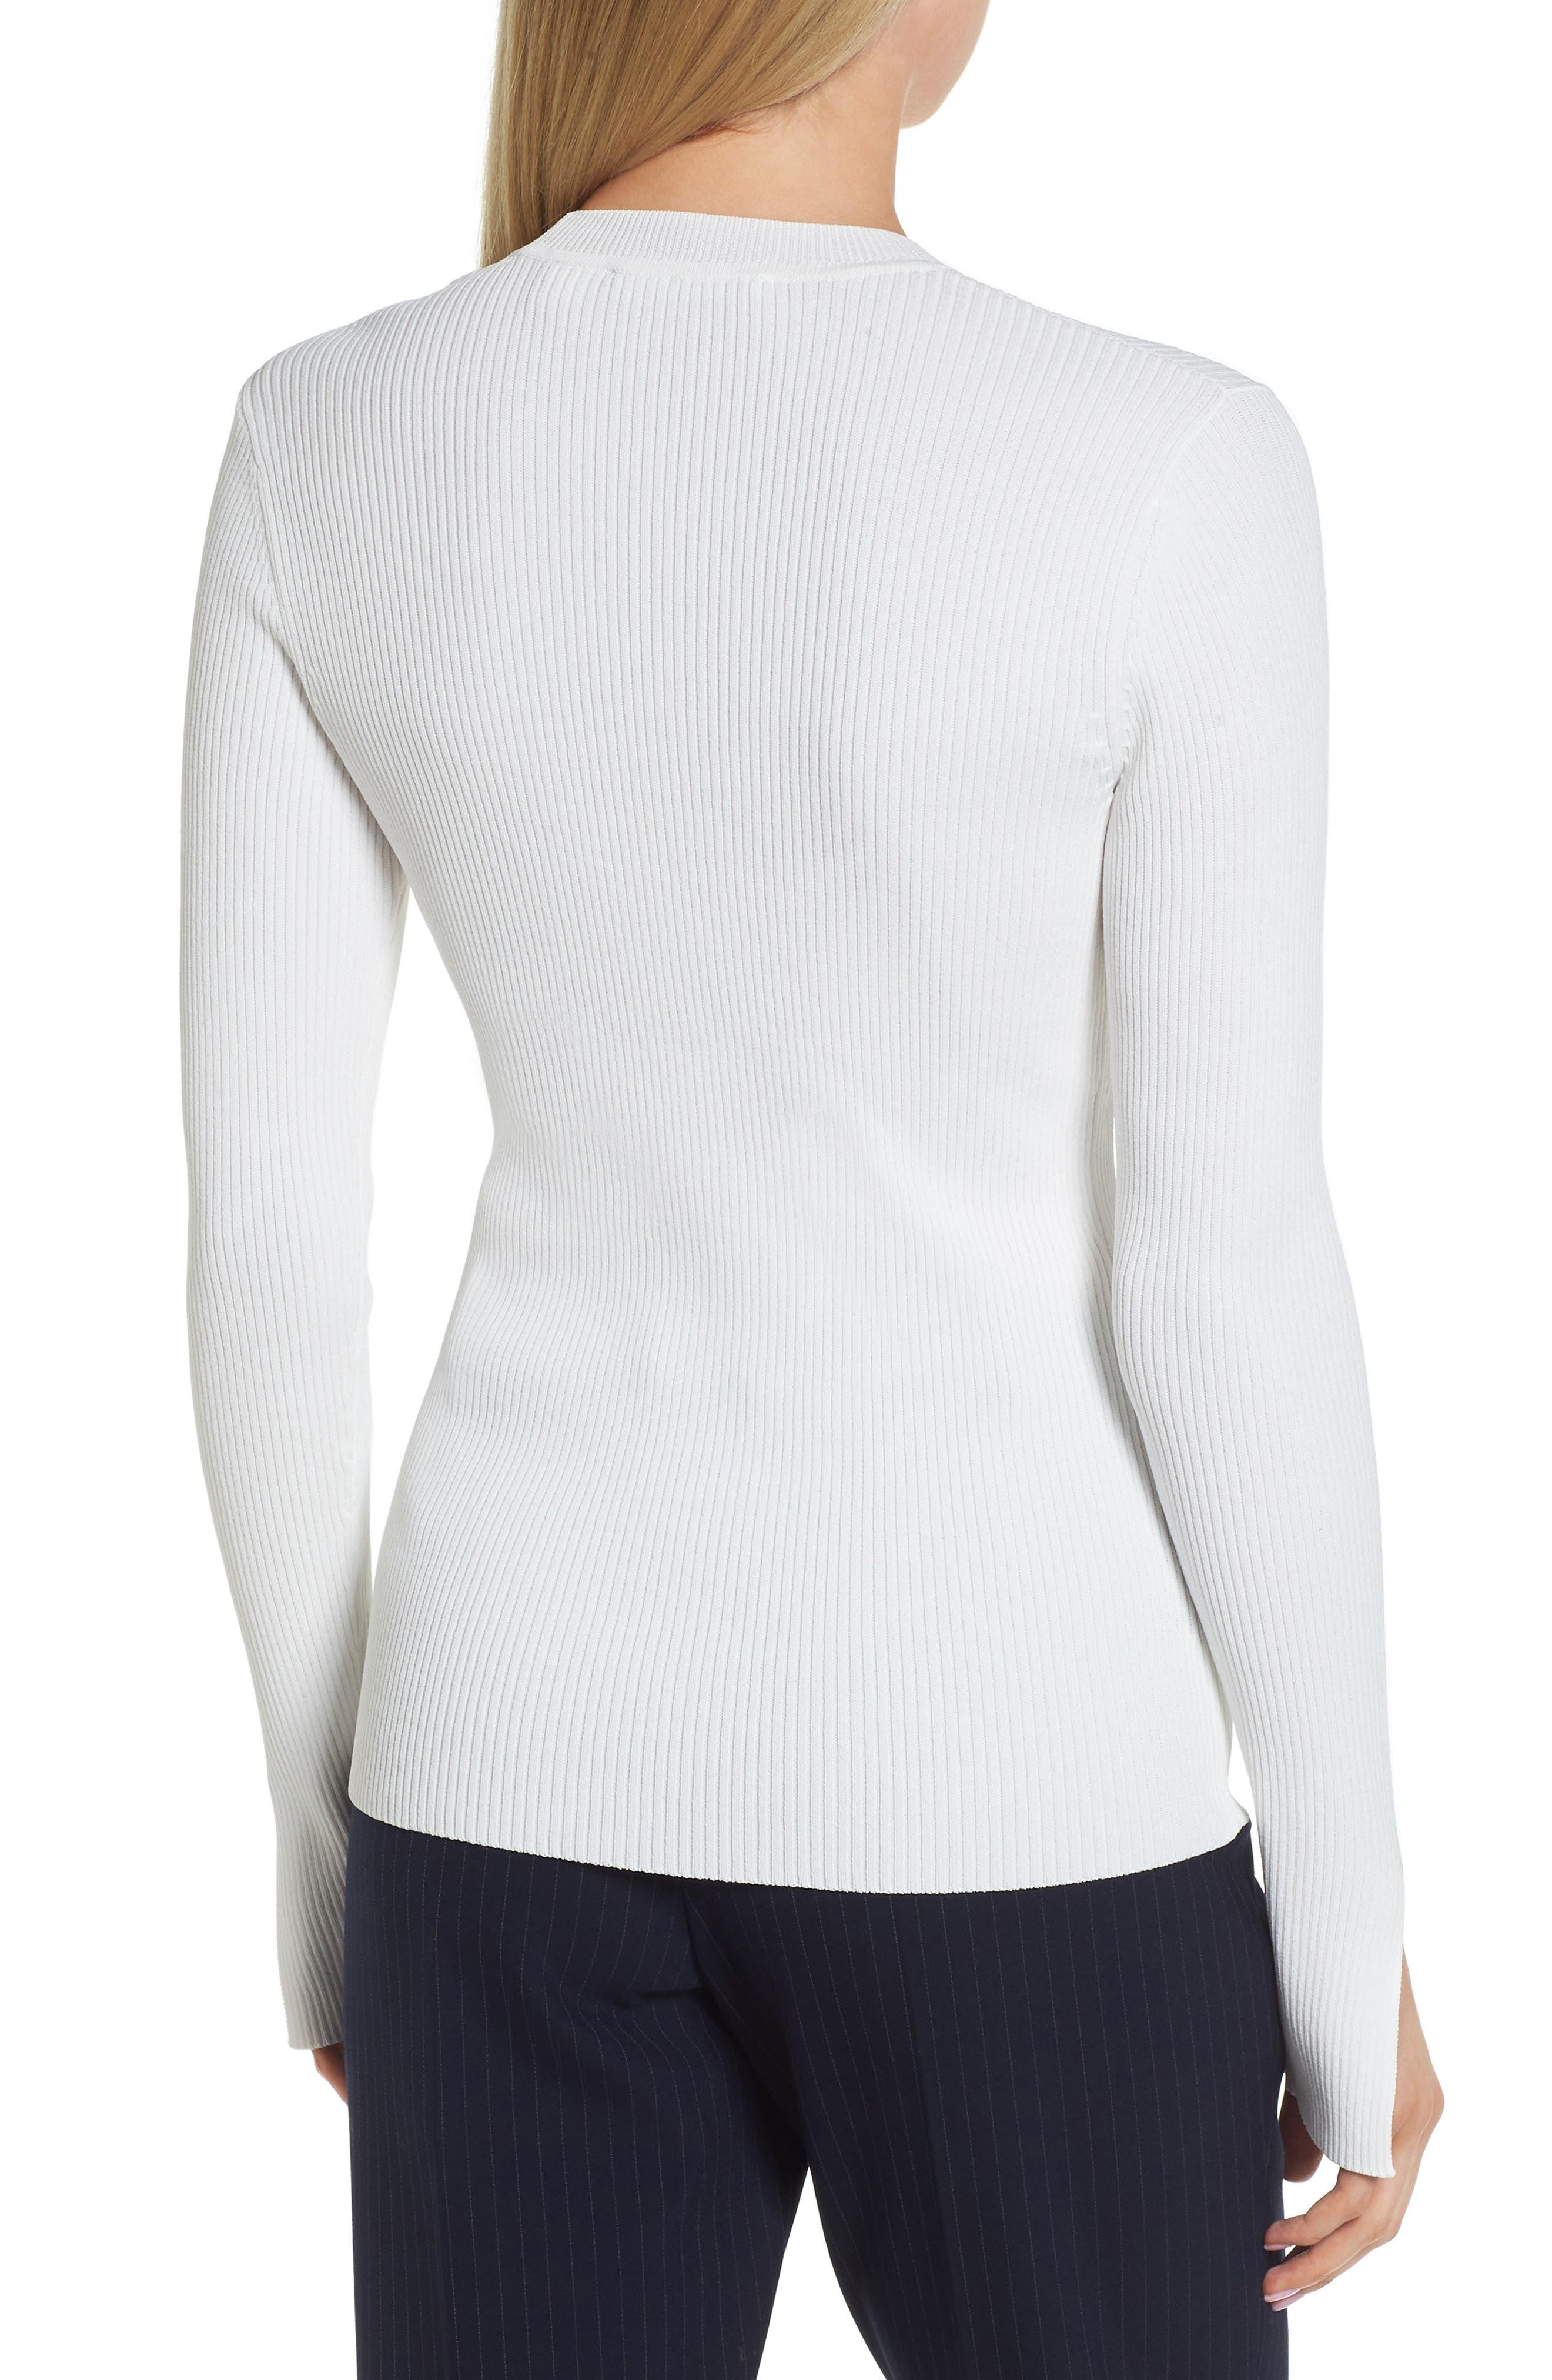 Fangeli Sweater,                             Alternate thumbnail 2, color,                             Vanilla Light